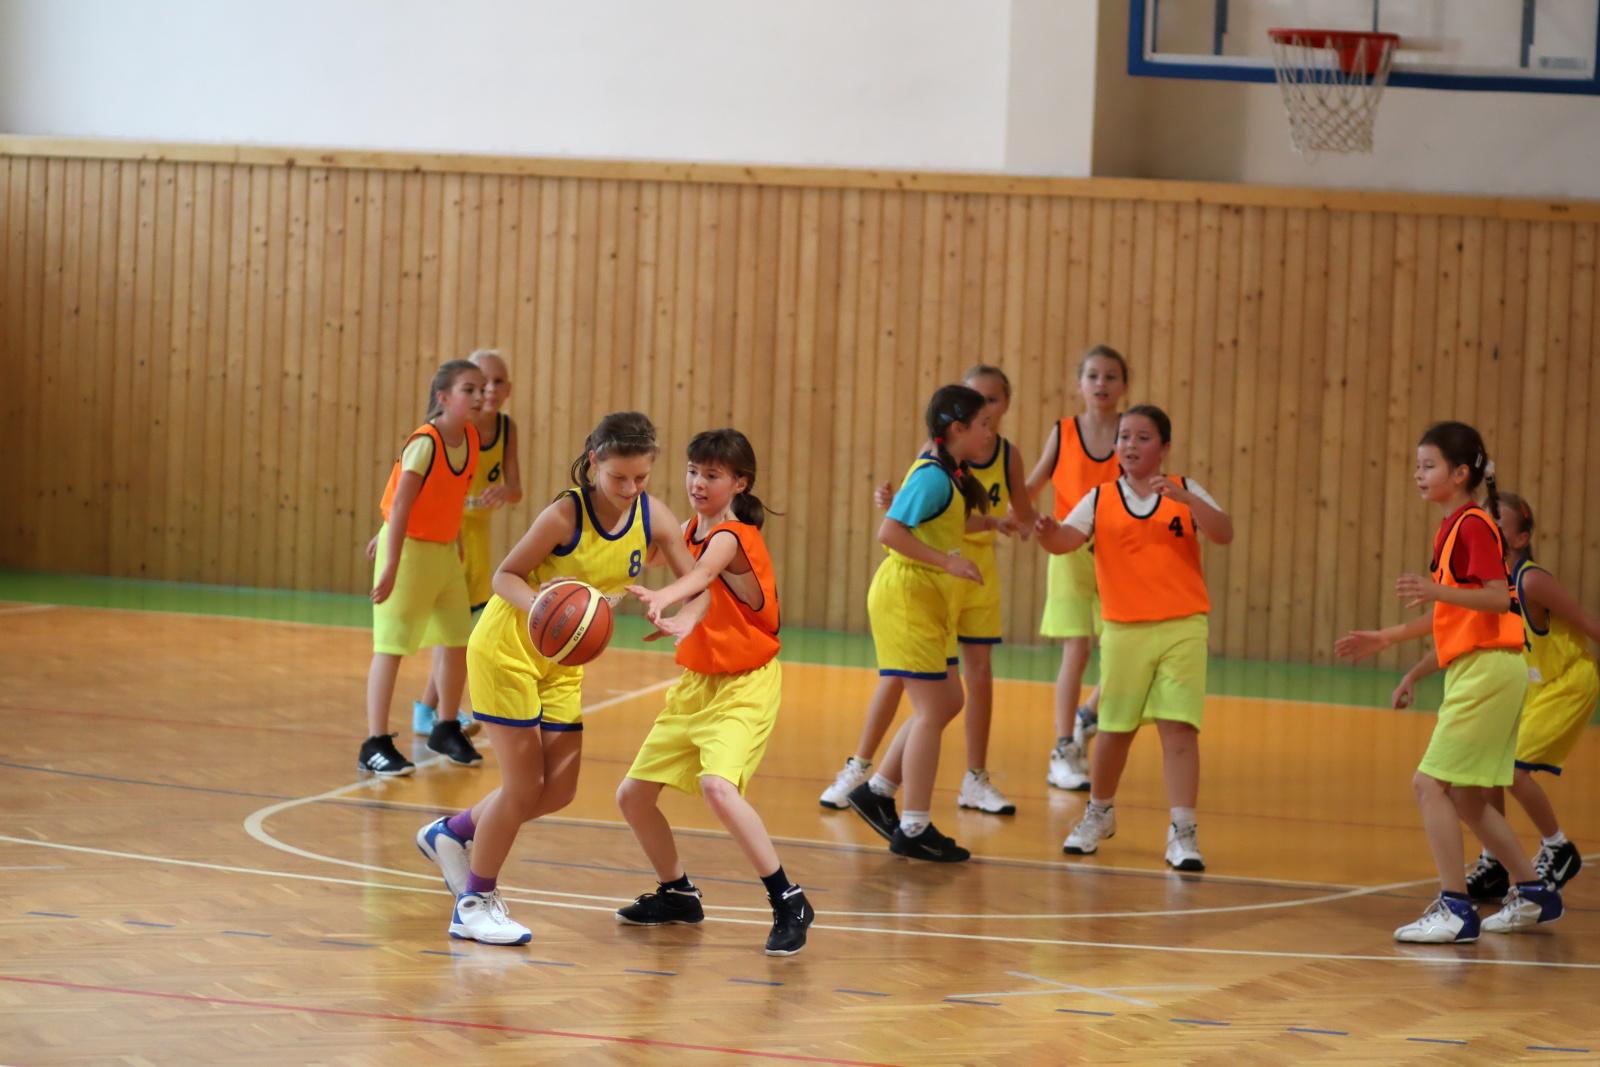 zvolen-banska-bystrica-basketbal-mini-ziacky-7